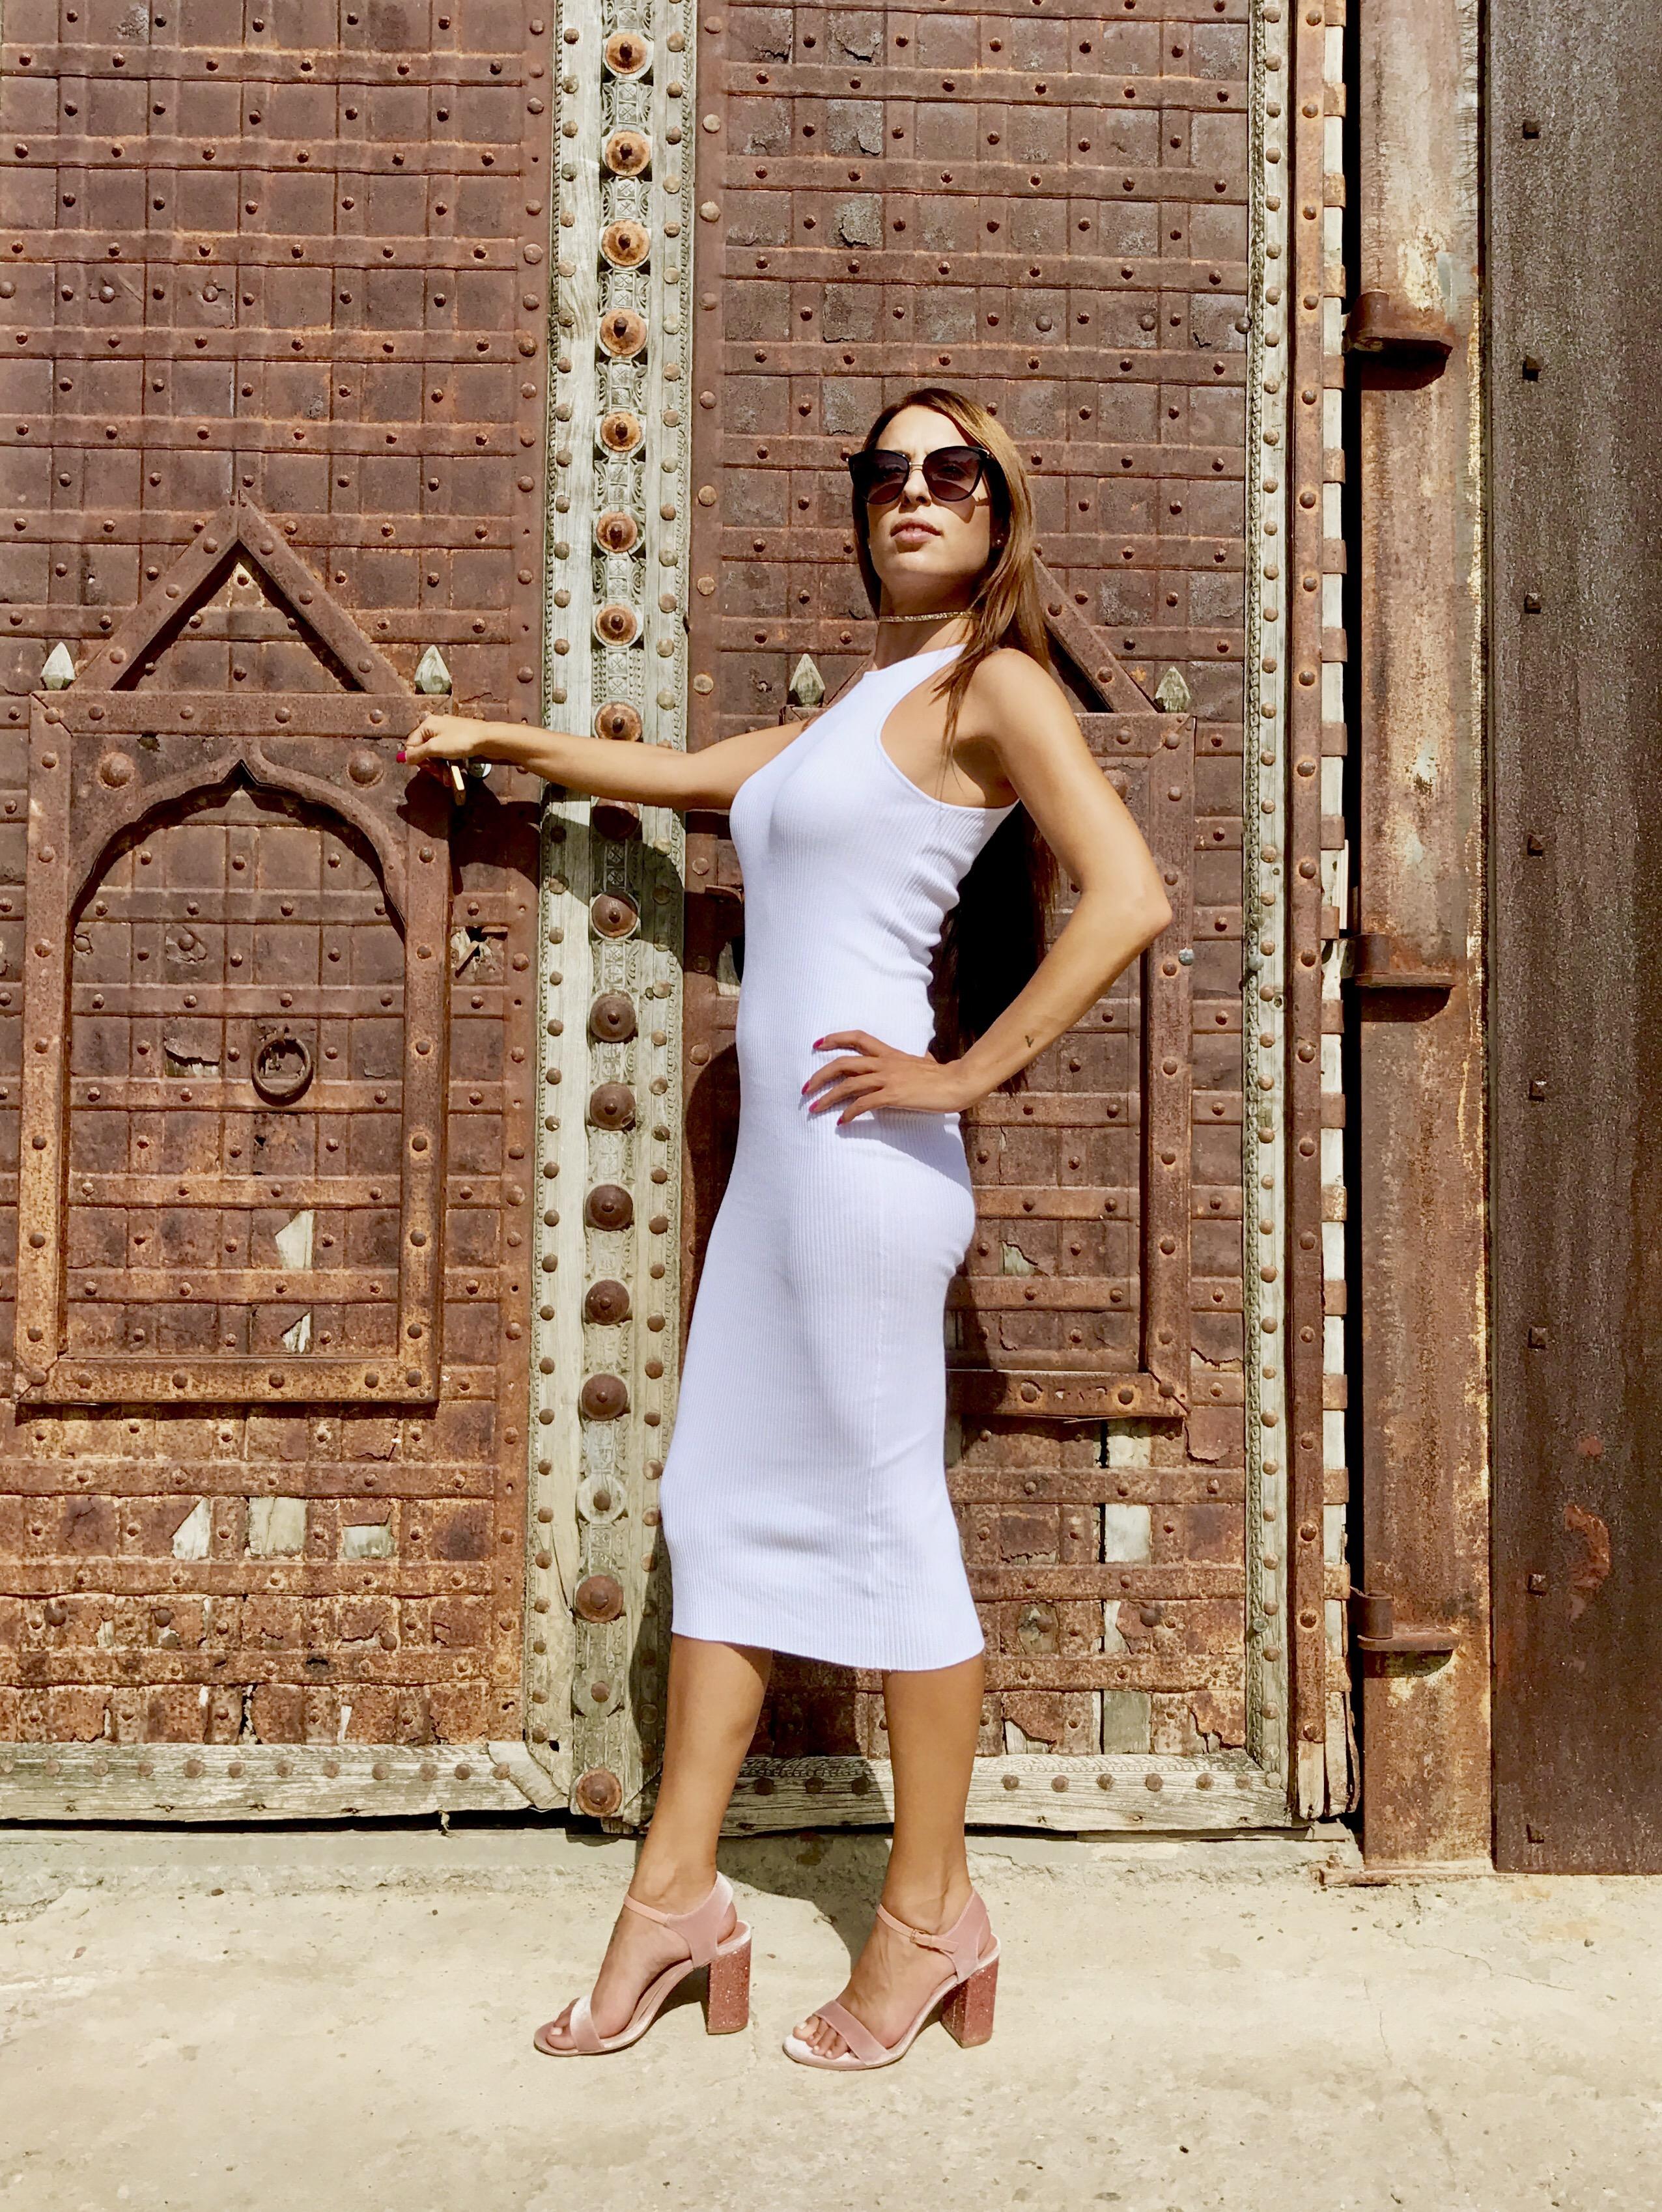 Moda Mi Look – Ibiza Ajustado Fashion De Cóctel Blanco Vestido qr0IgFw0H 0ef563fcb209